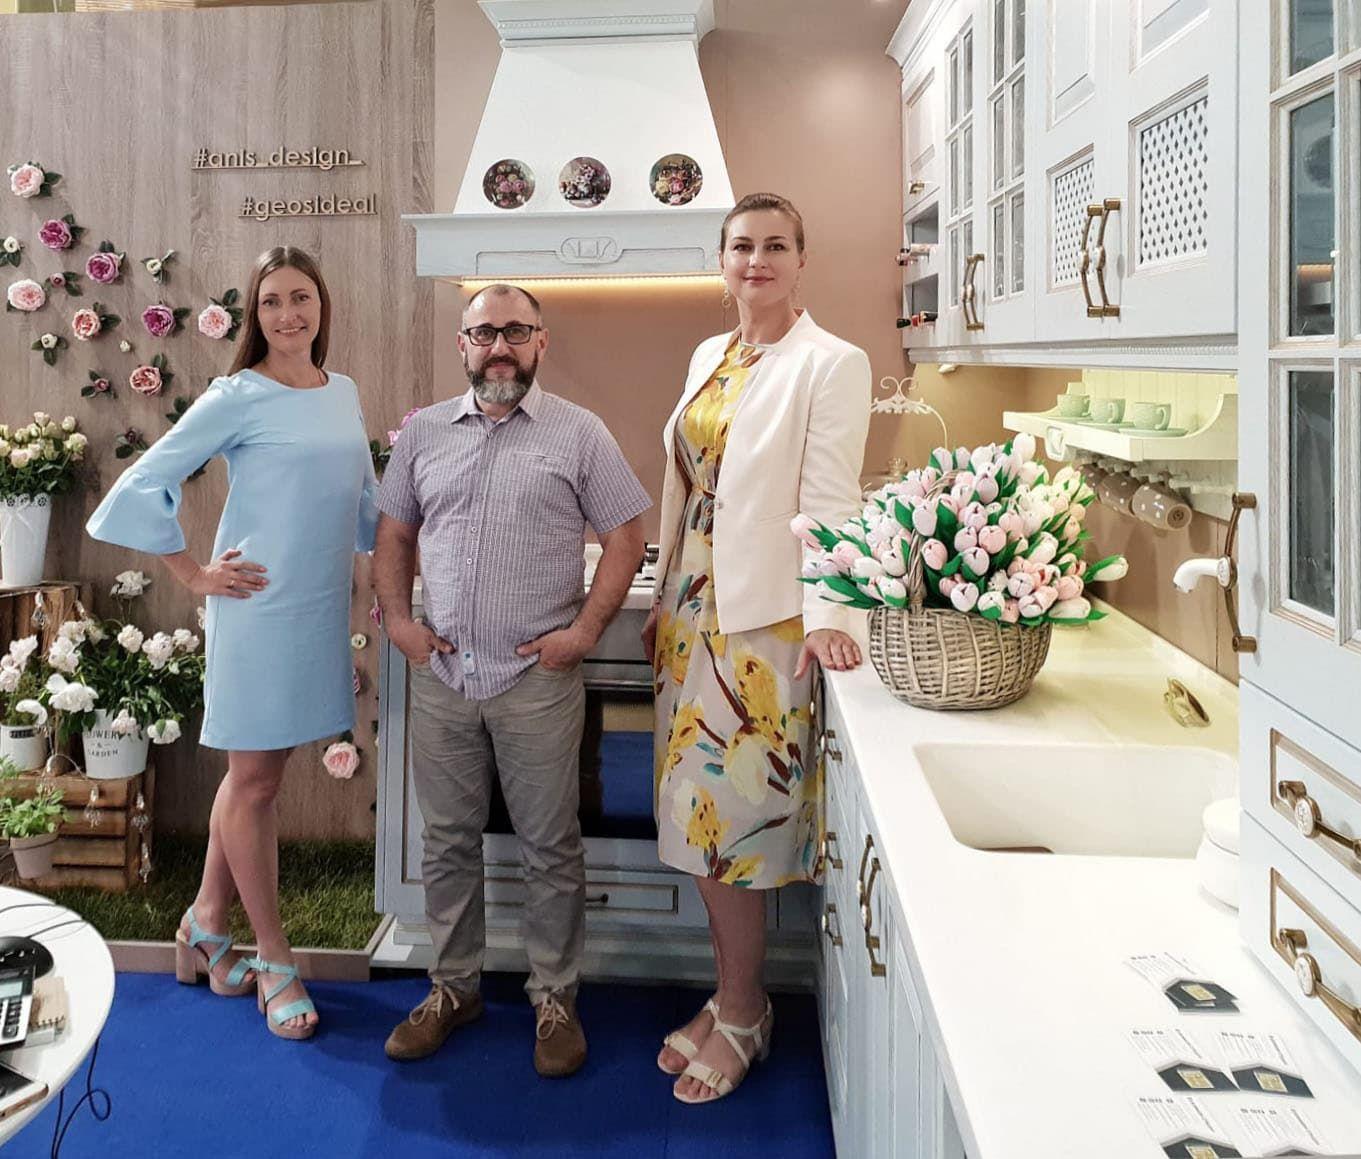 Кухни «ГеосИдеал» на выставке в Одессе